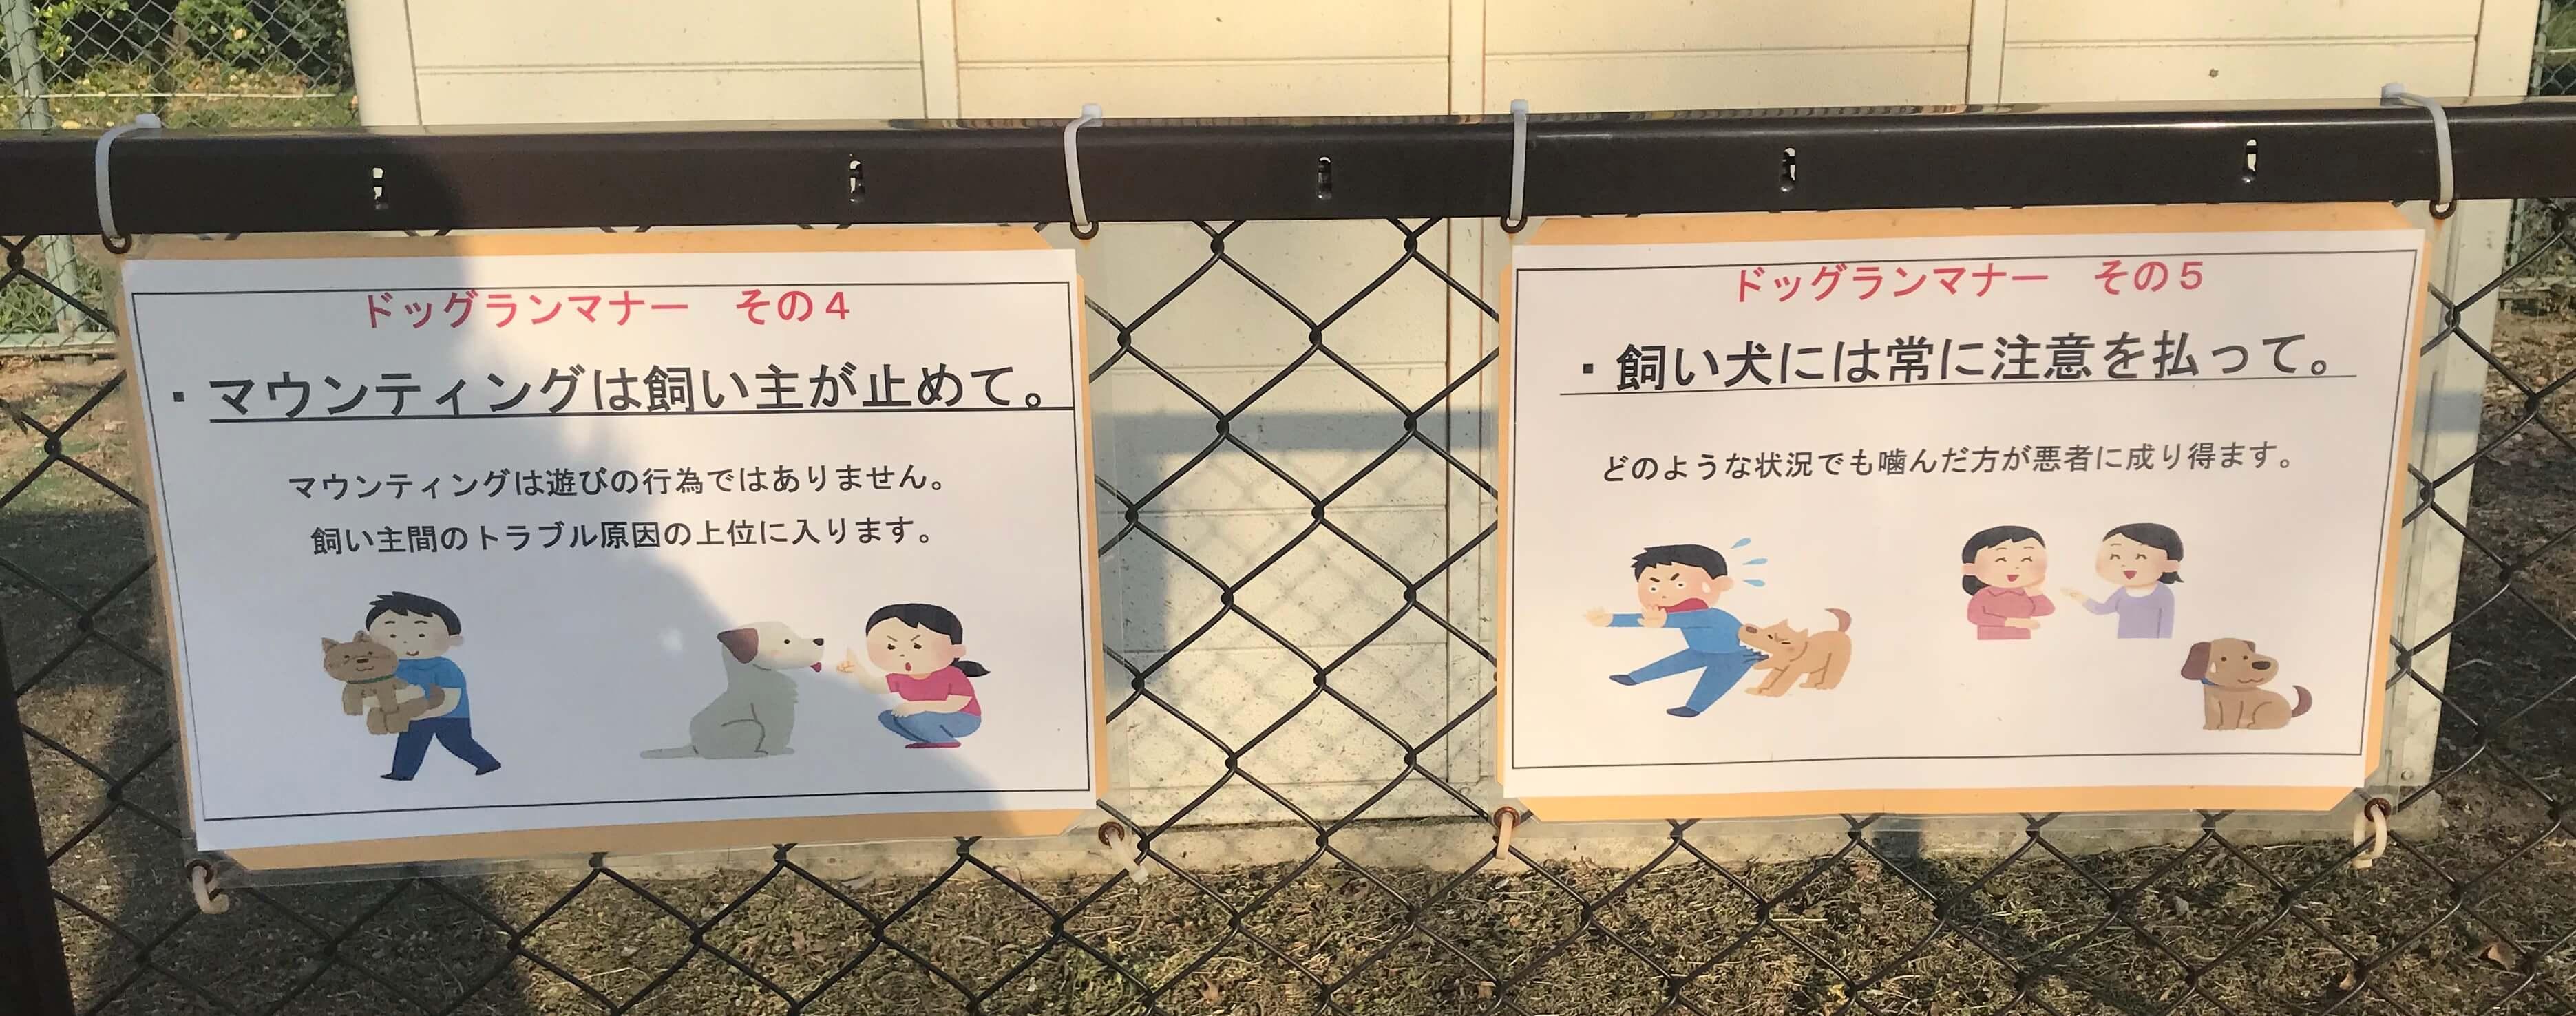 住之江公園ドッグラン ドッグランのマナー マウンティングについて